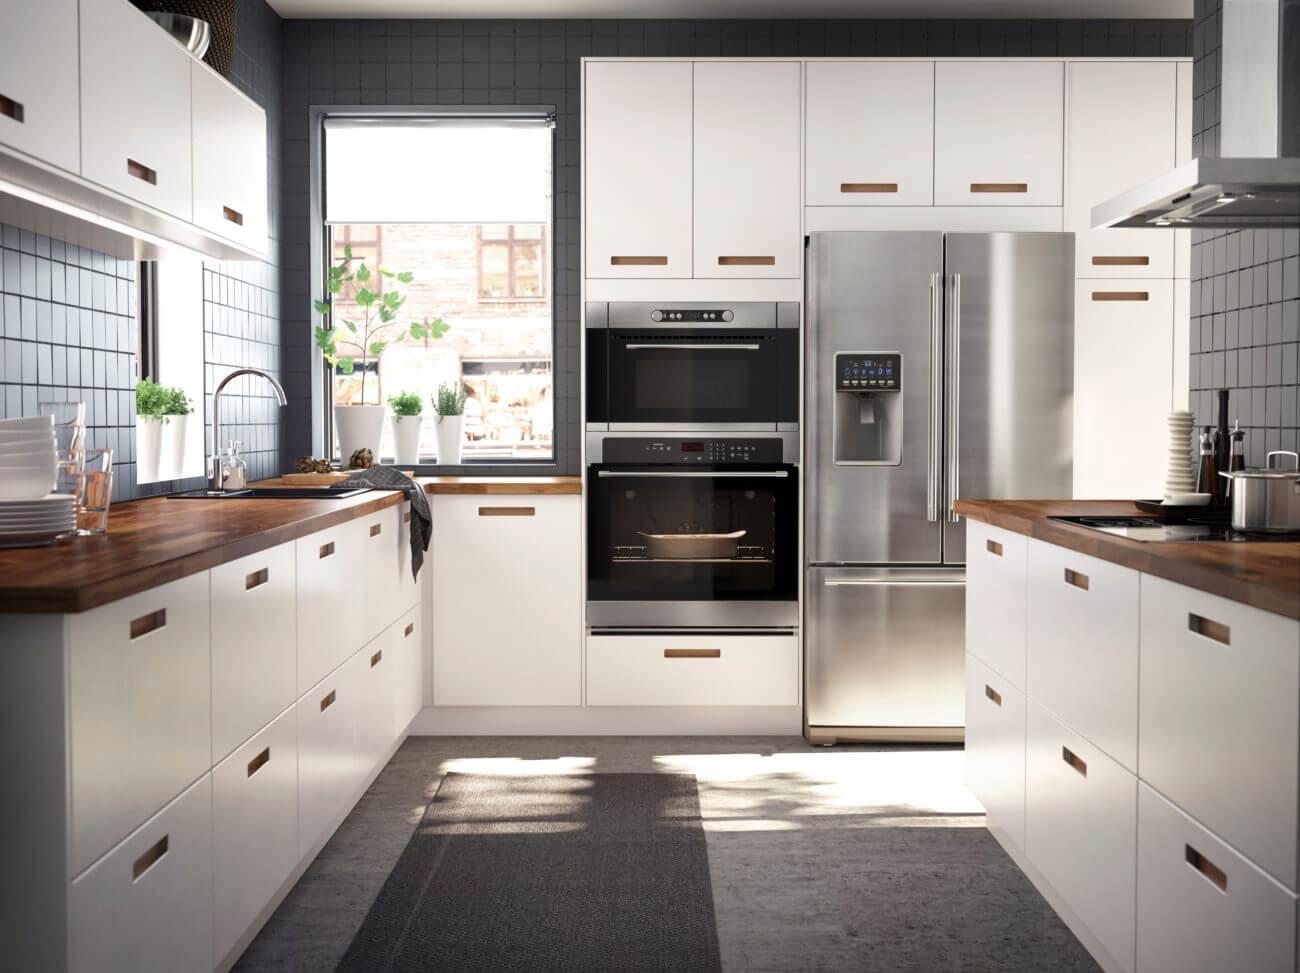 Full Size of Online Küche Planen Und Kaufen Steckdosen Küche Planen Arbeitsplatte Küche Planen Küche Planen Und Bestellen Küche Küche Planen